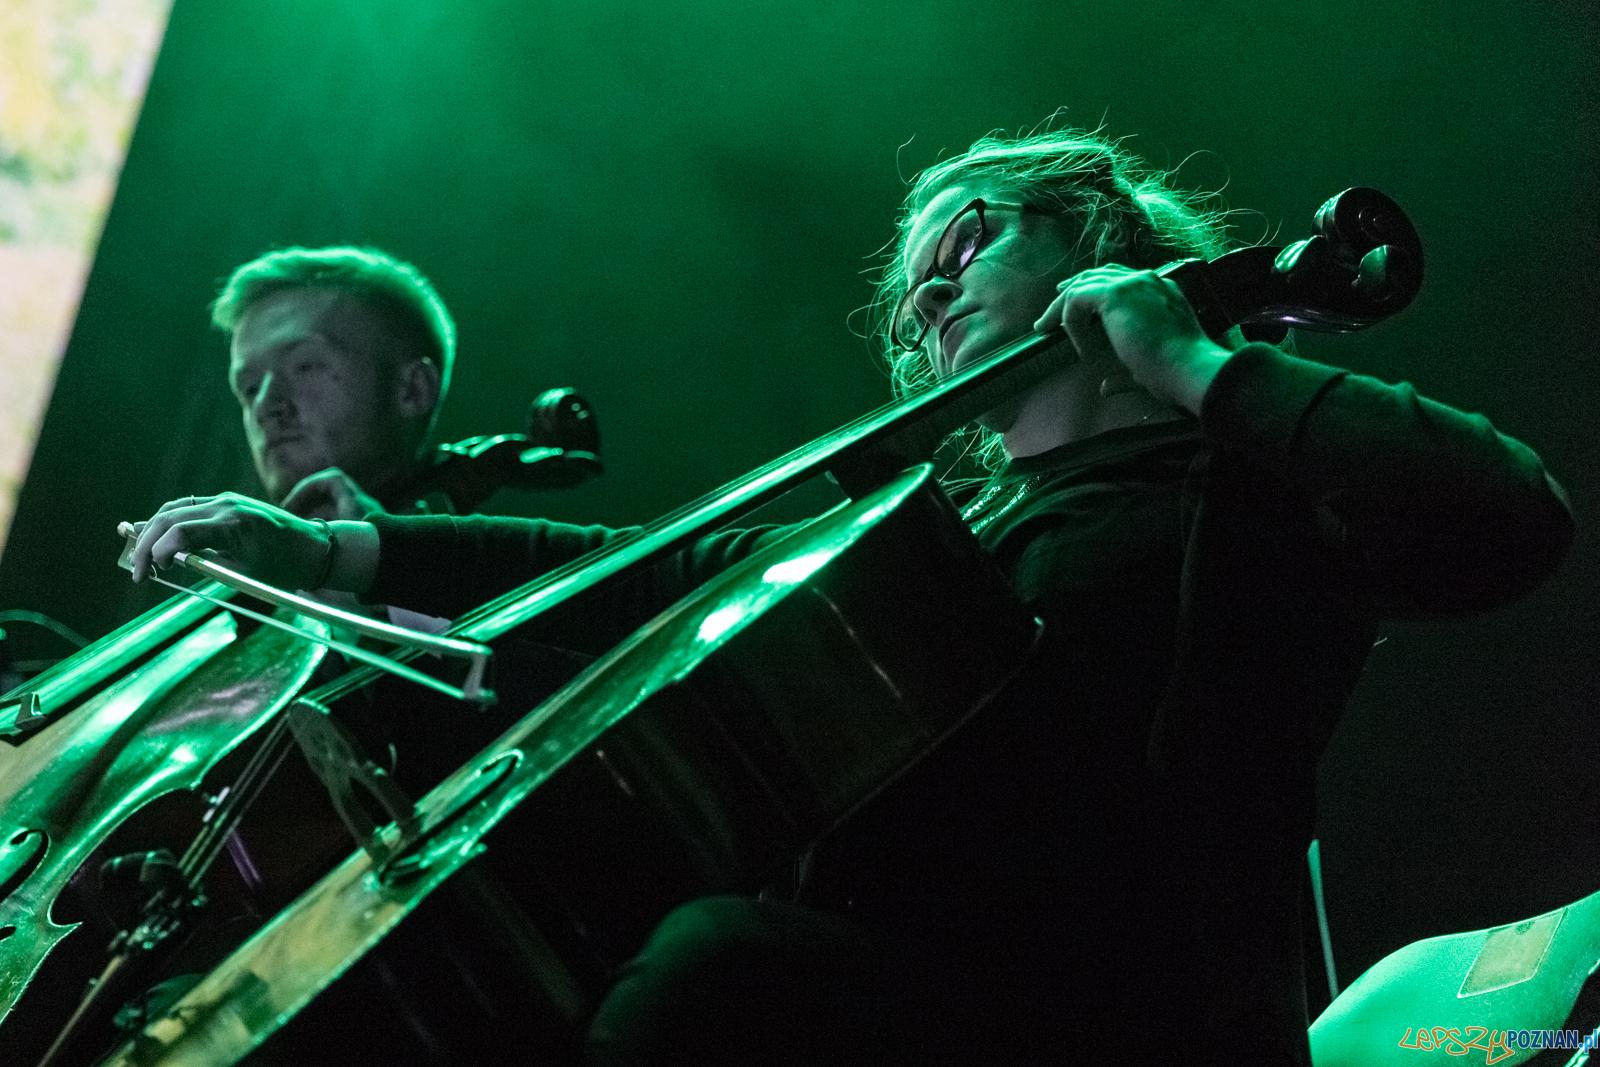 Koncert Muzyki Filmowej i Epickiej w Hali Arena - Poznań 2.02.2  Foto: LepszyPOZNAN.pl / Paweł Rychter